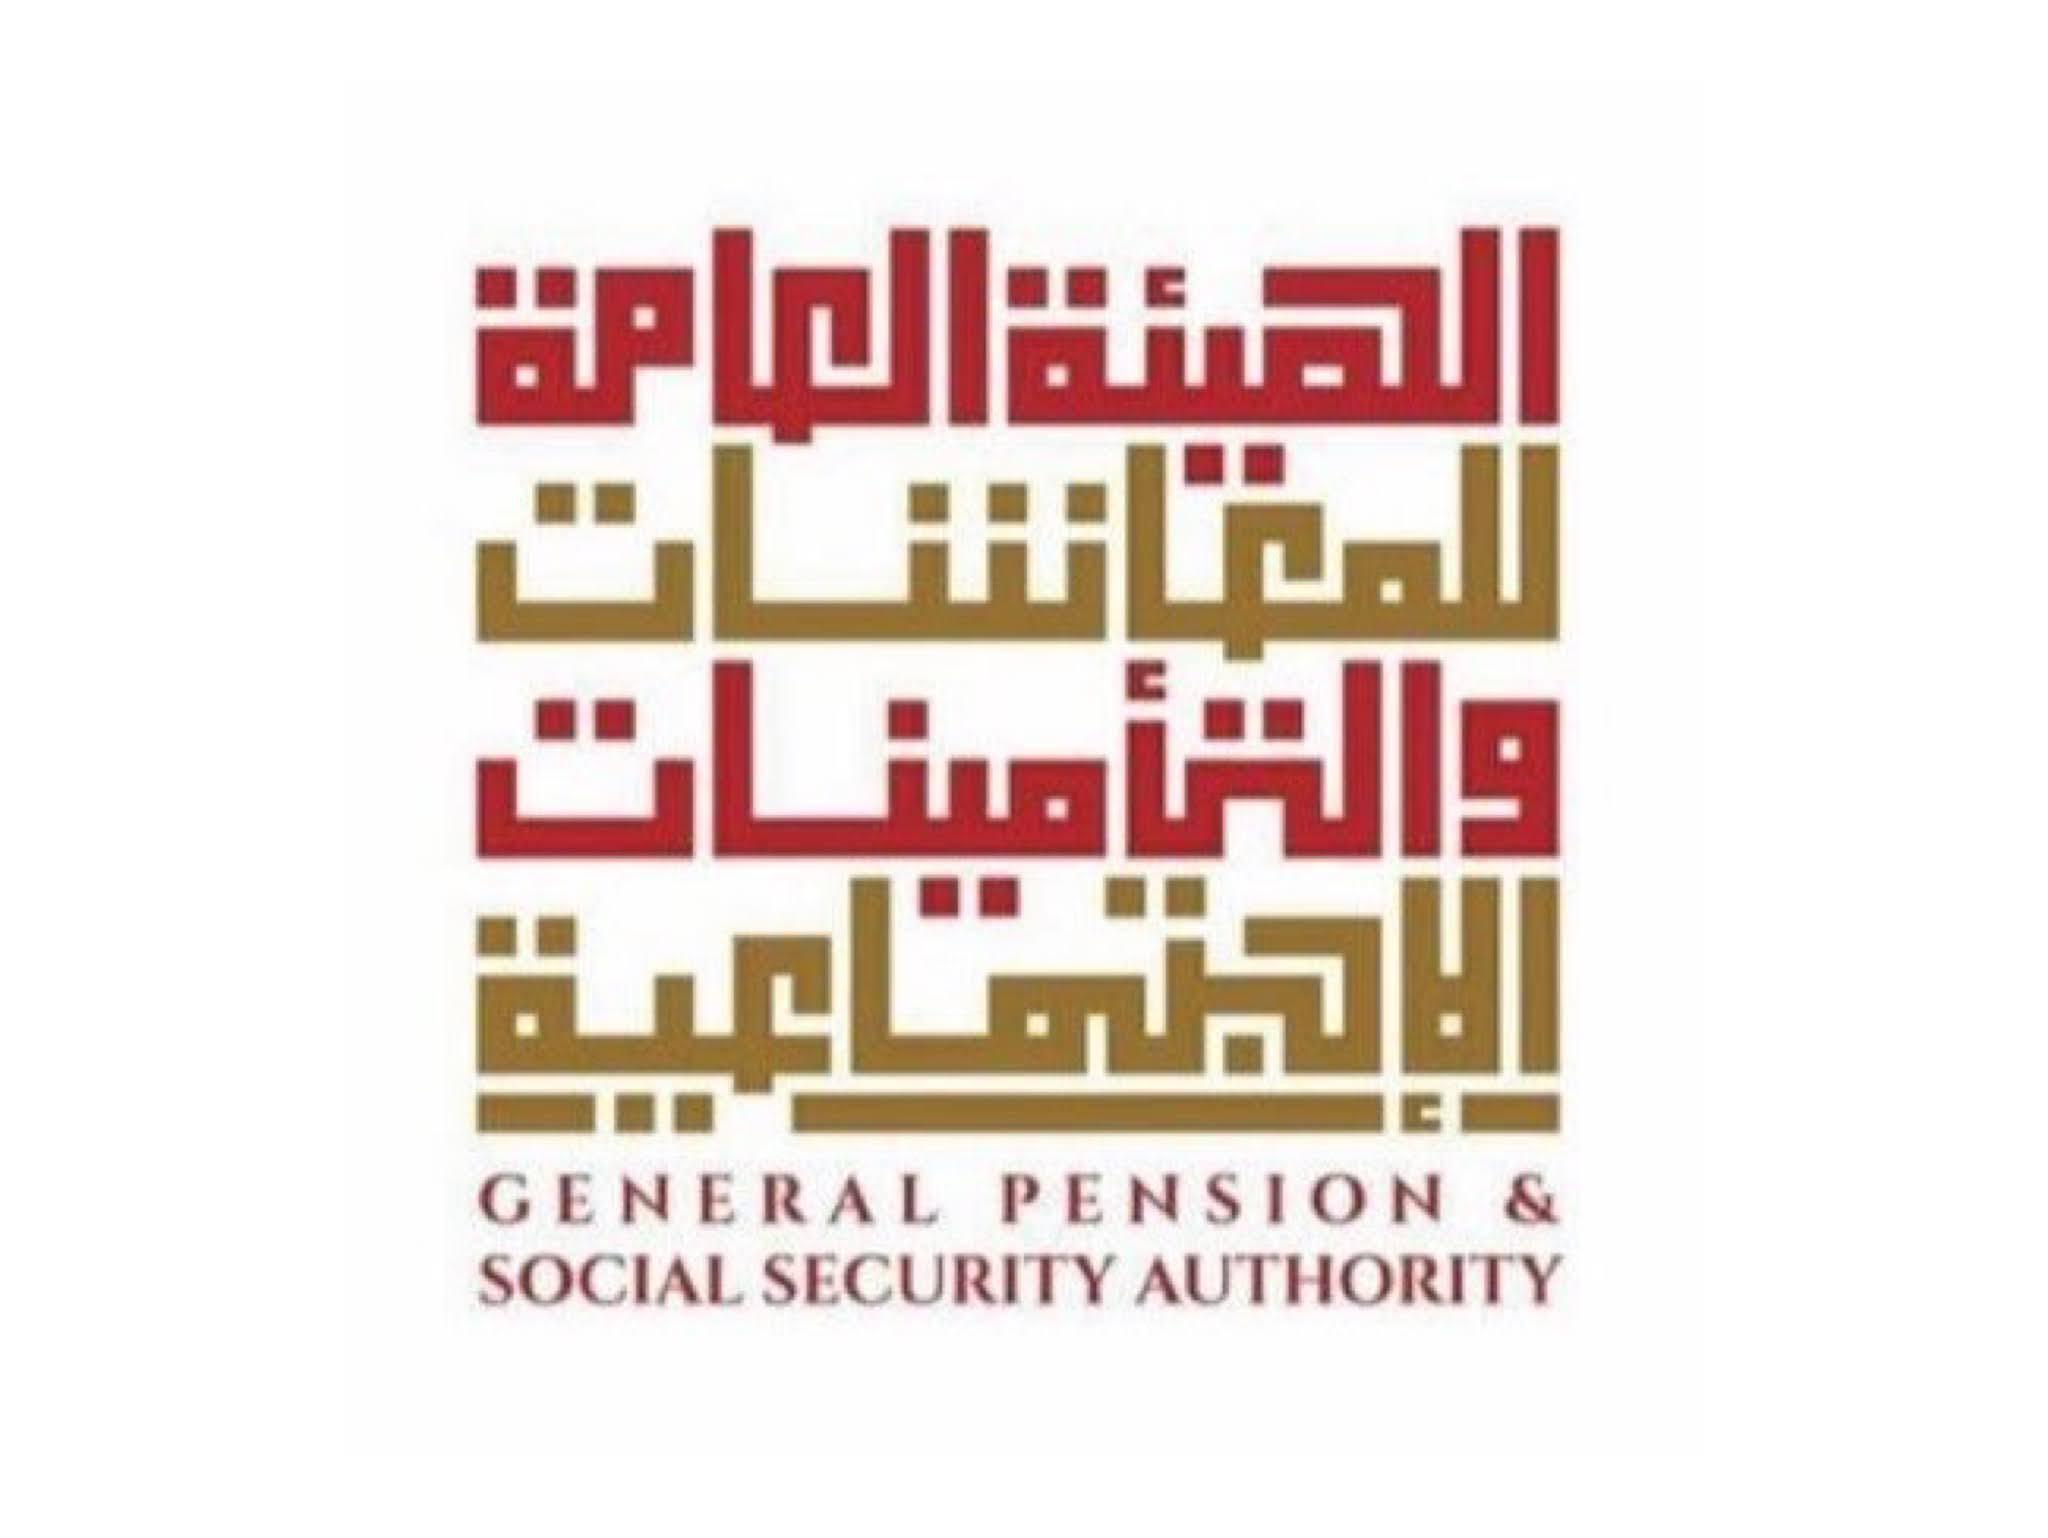 الهيئة العامة للمعاشات والتأمينات الاجتماعية بأبوظبي تعلن عن فرص توظيف 2021